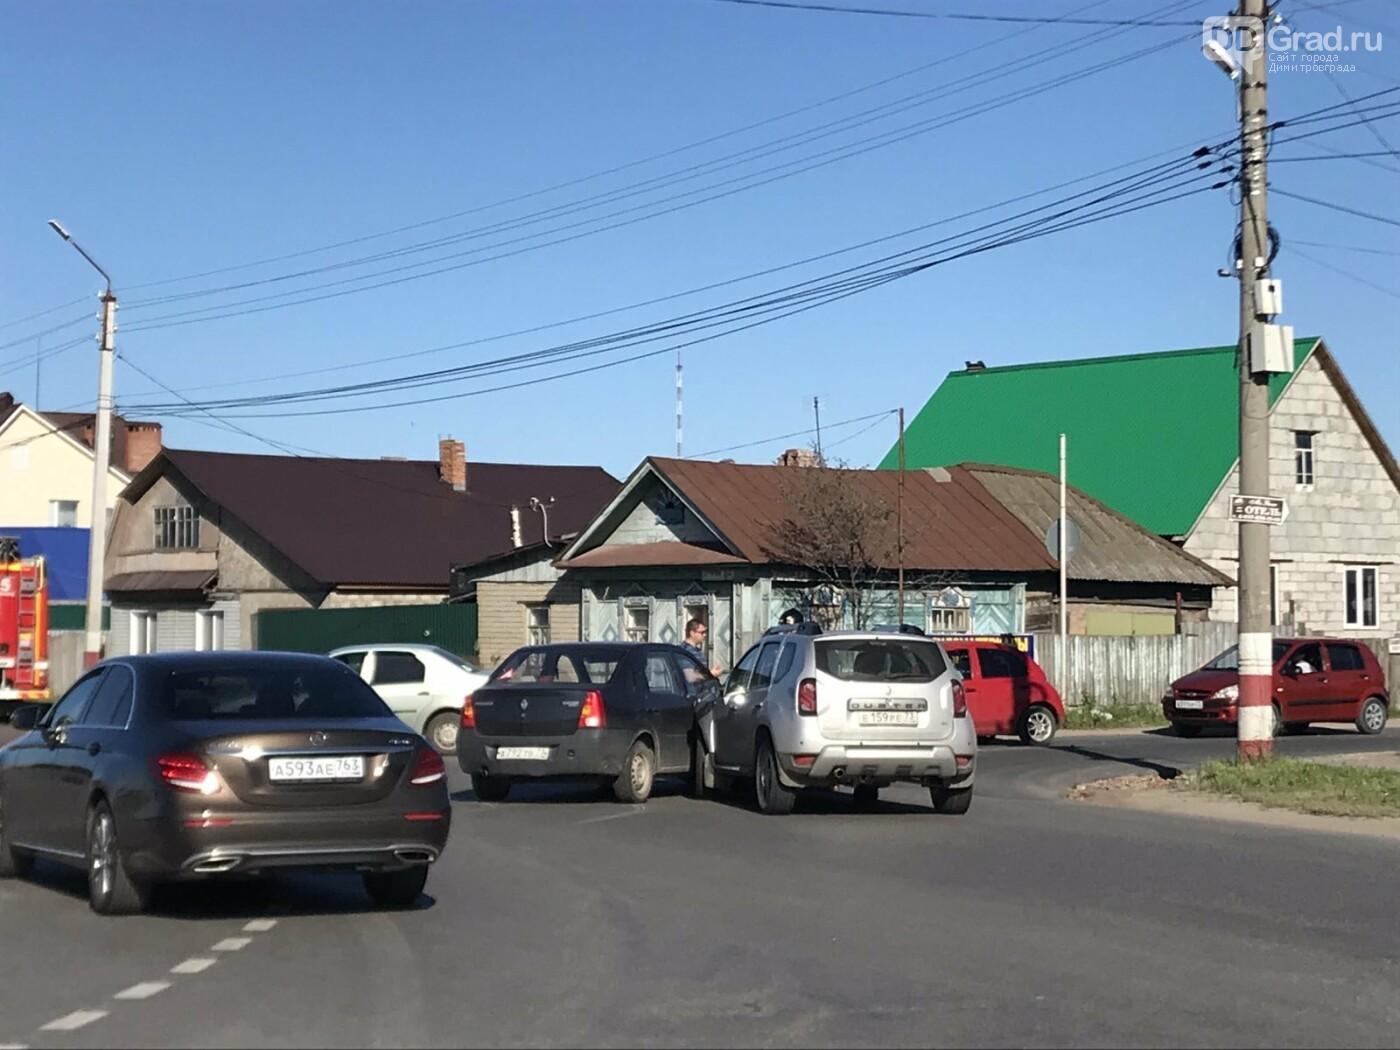 Утром в Димитровграде произошло ДТП, фото-4